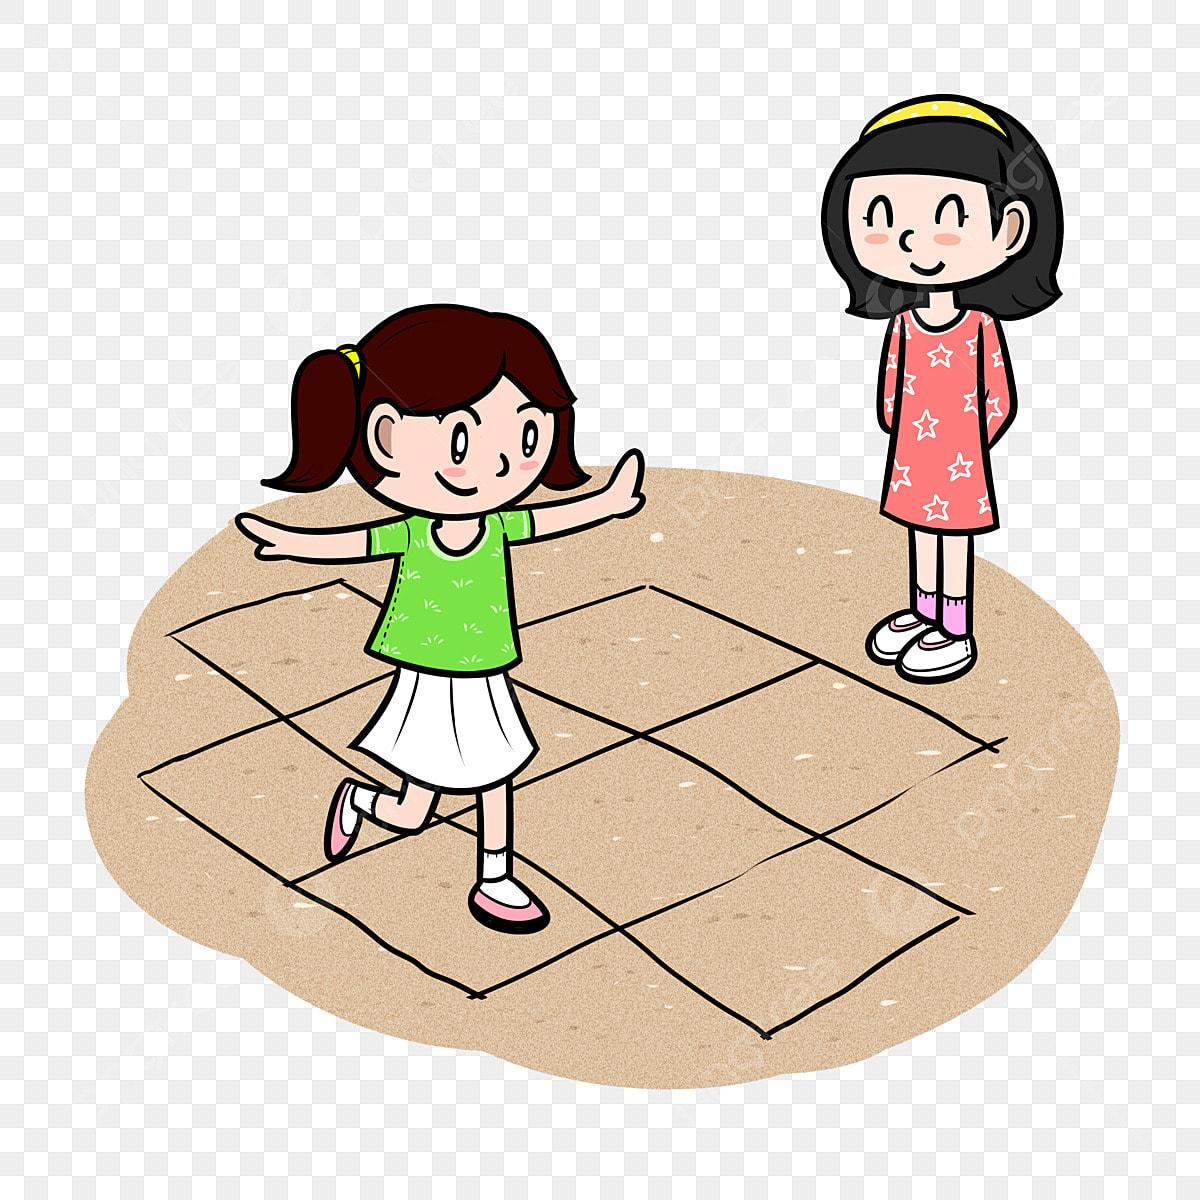 الكرتون يوم الطفل ذكريات الطفولة الأطفال غينيا ذكريات الطفولة يوم Png وملف Psd للتحميل مجانا